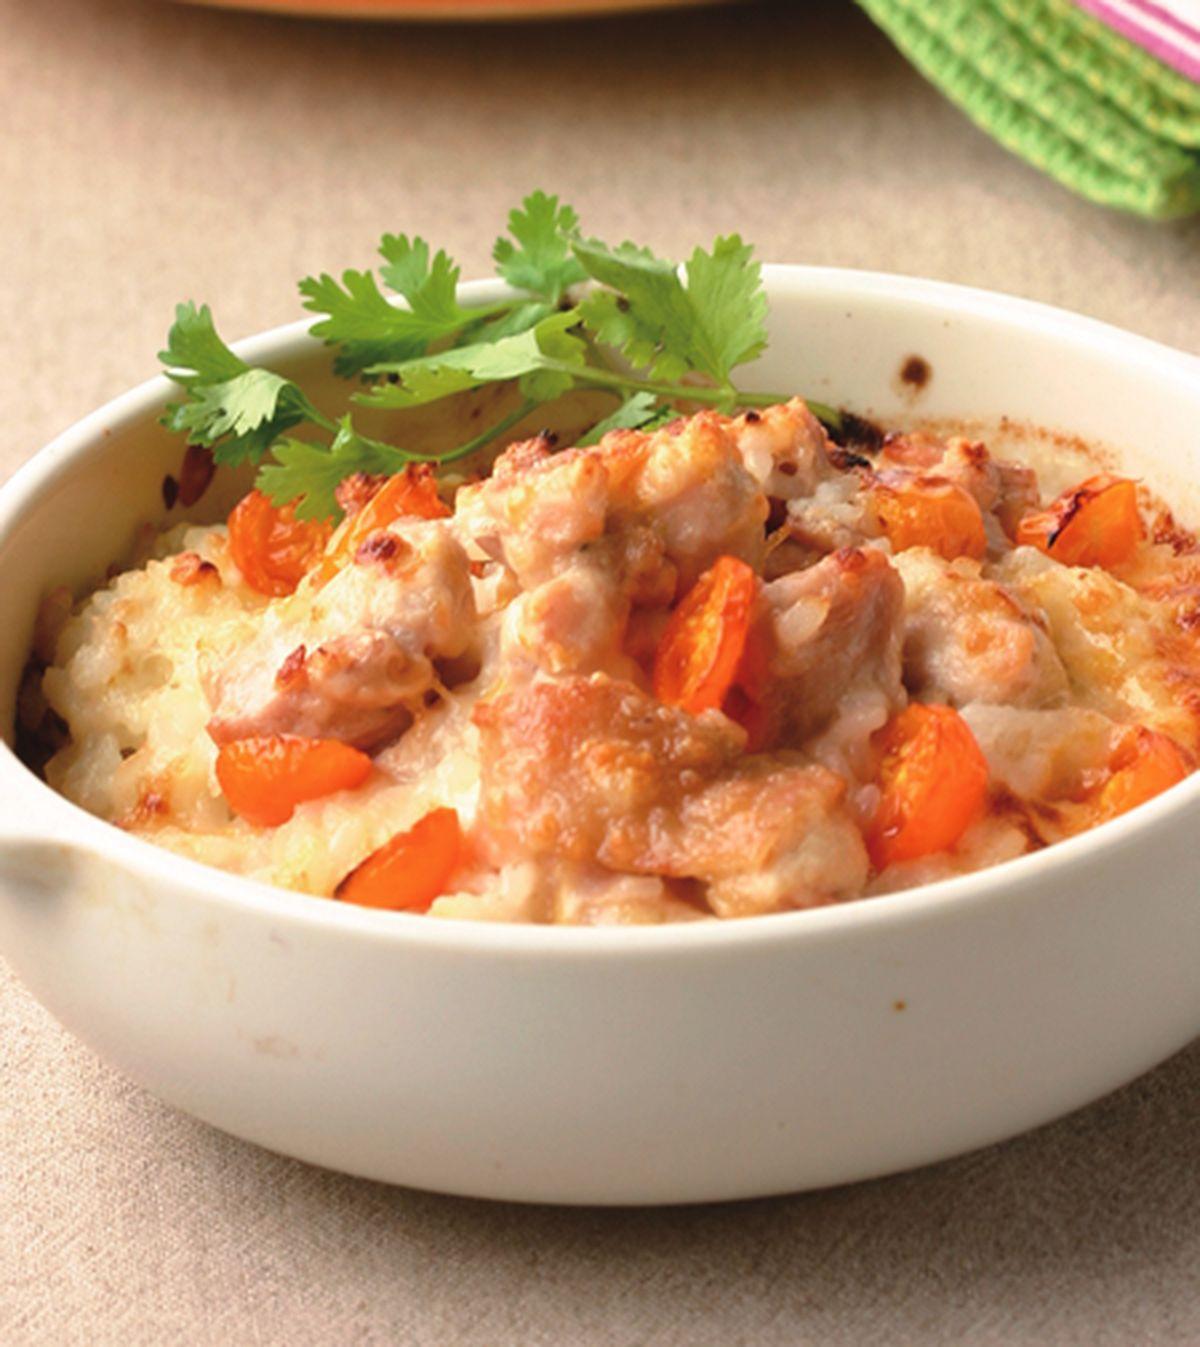 食譜:南瓜雞肉焗飯